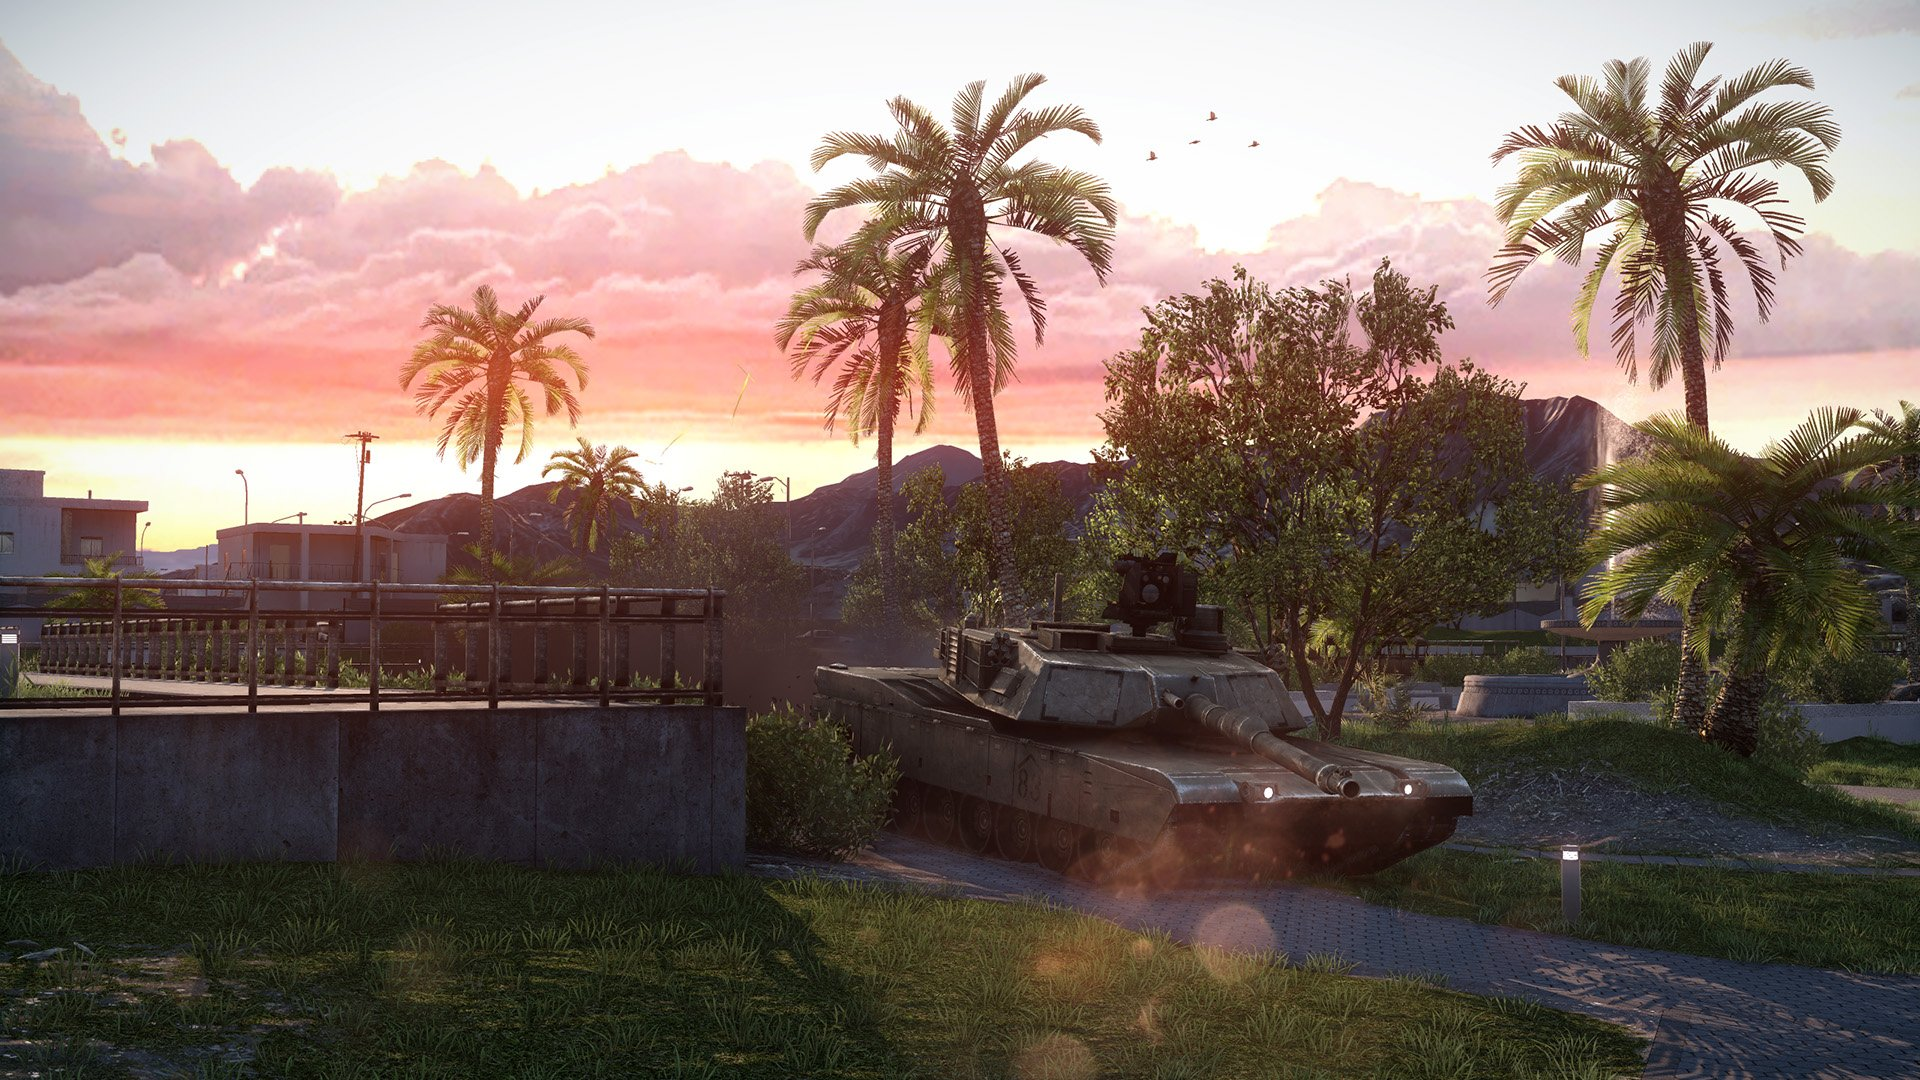 目を見張るほど美しい高精細グラフィックス。PCゲームの分野では一時代を築いた戦車戦シミュレーションゲームを彷彿とさせる迫力ある映像が実現されている。FPSのみならず、多くのミリタリーファンを引きつける拡張パックとなりそうだ